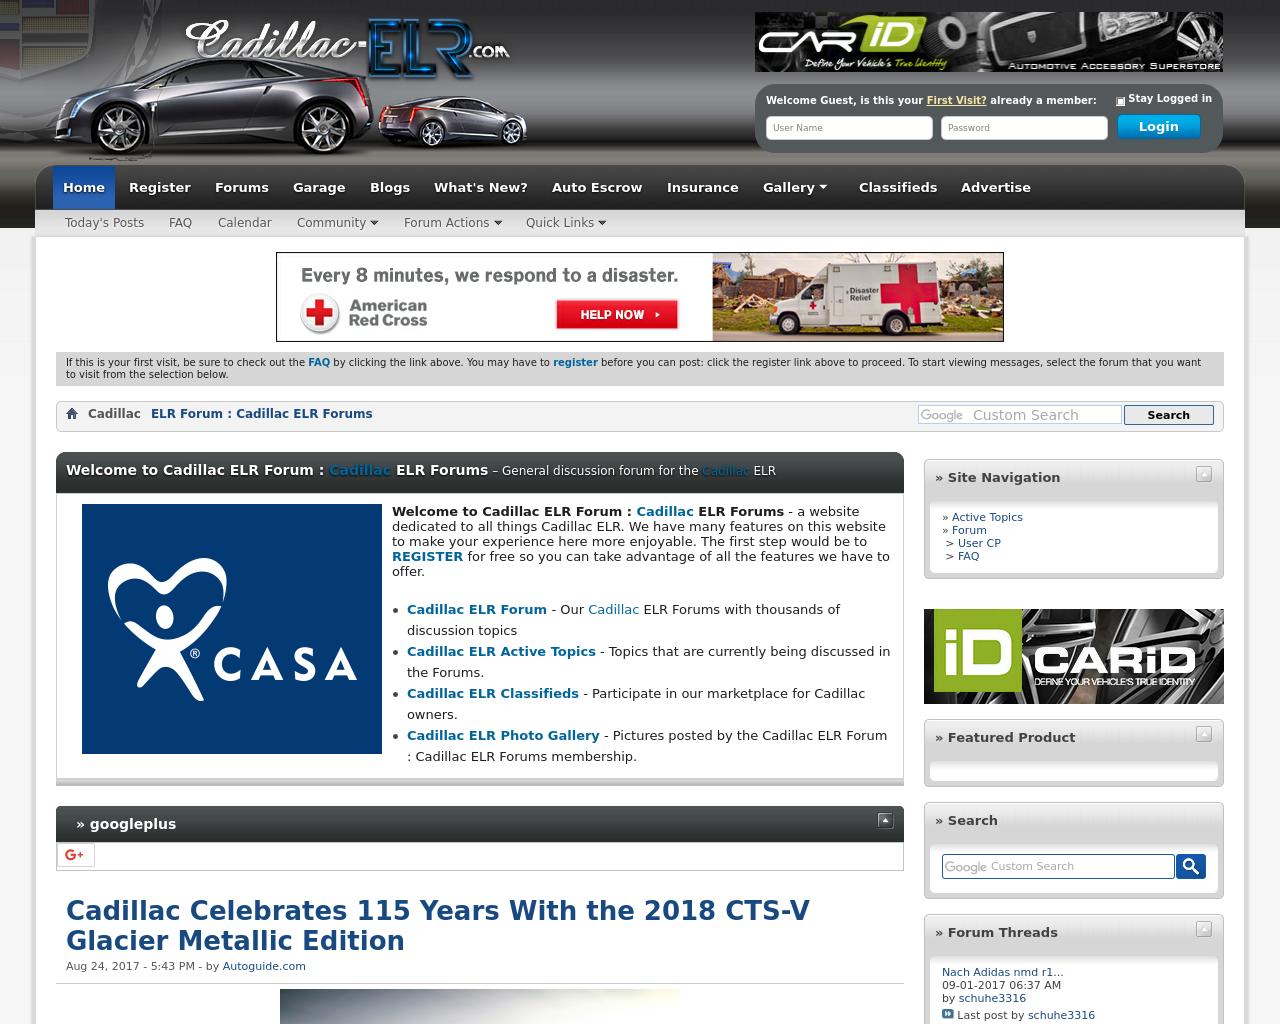 Cadillac-ELR-Advertising-Reviews-Pricing